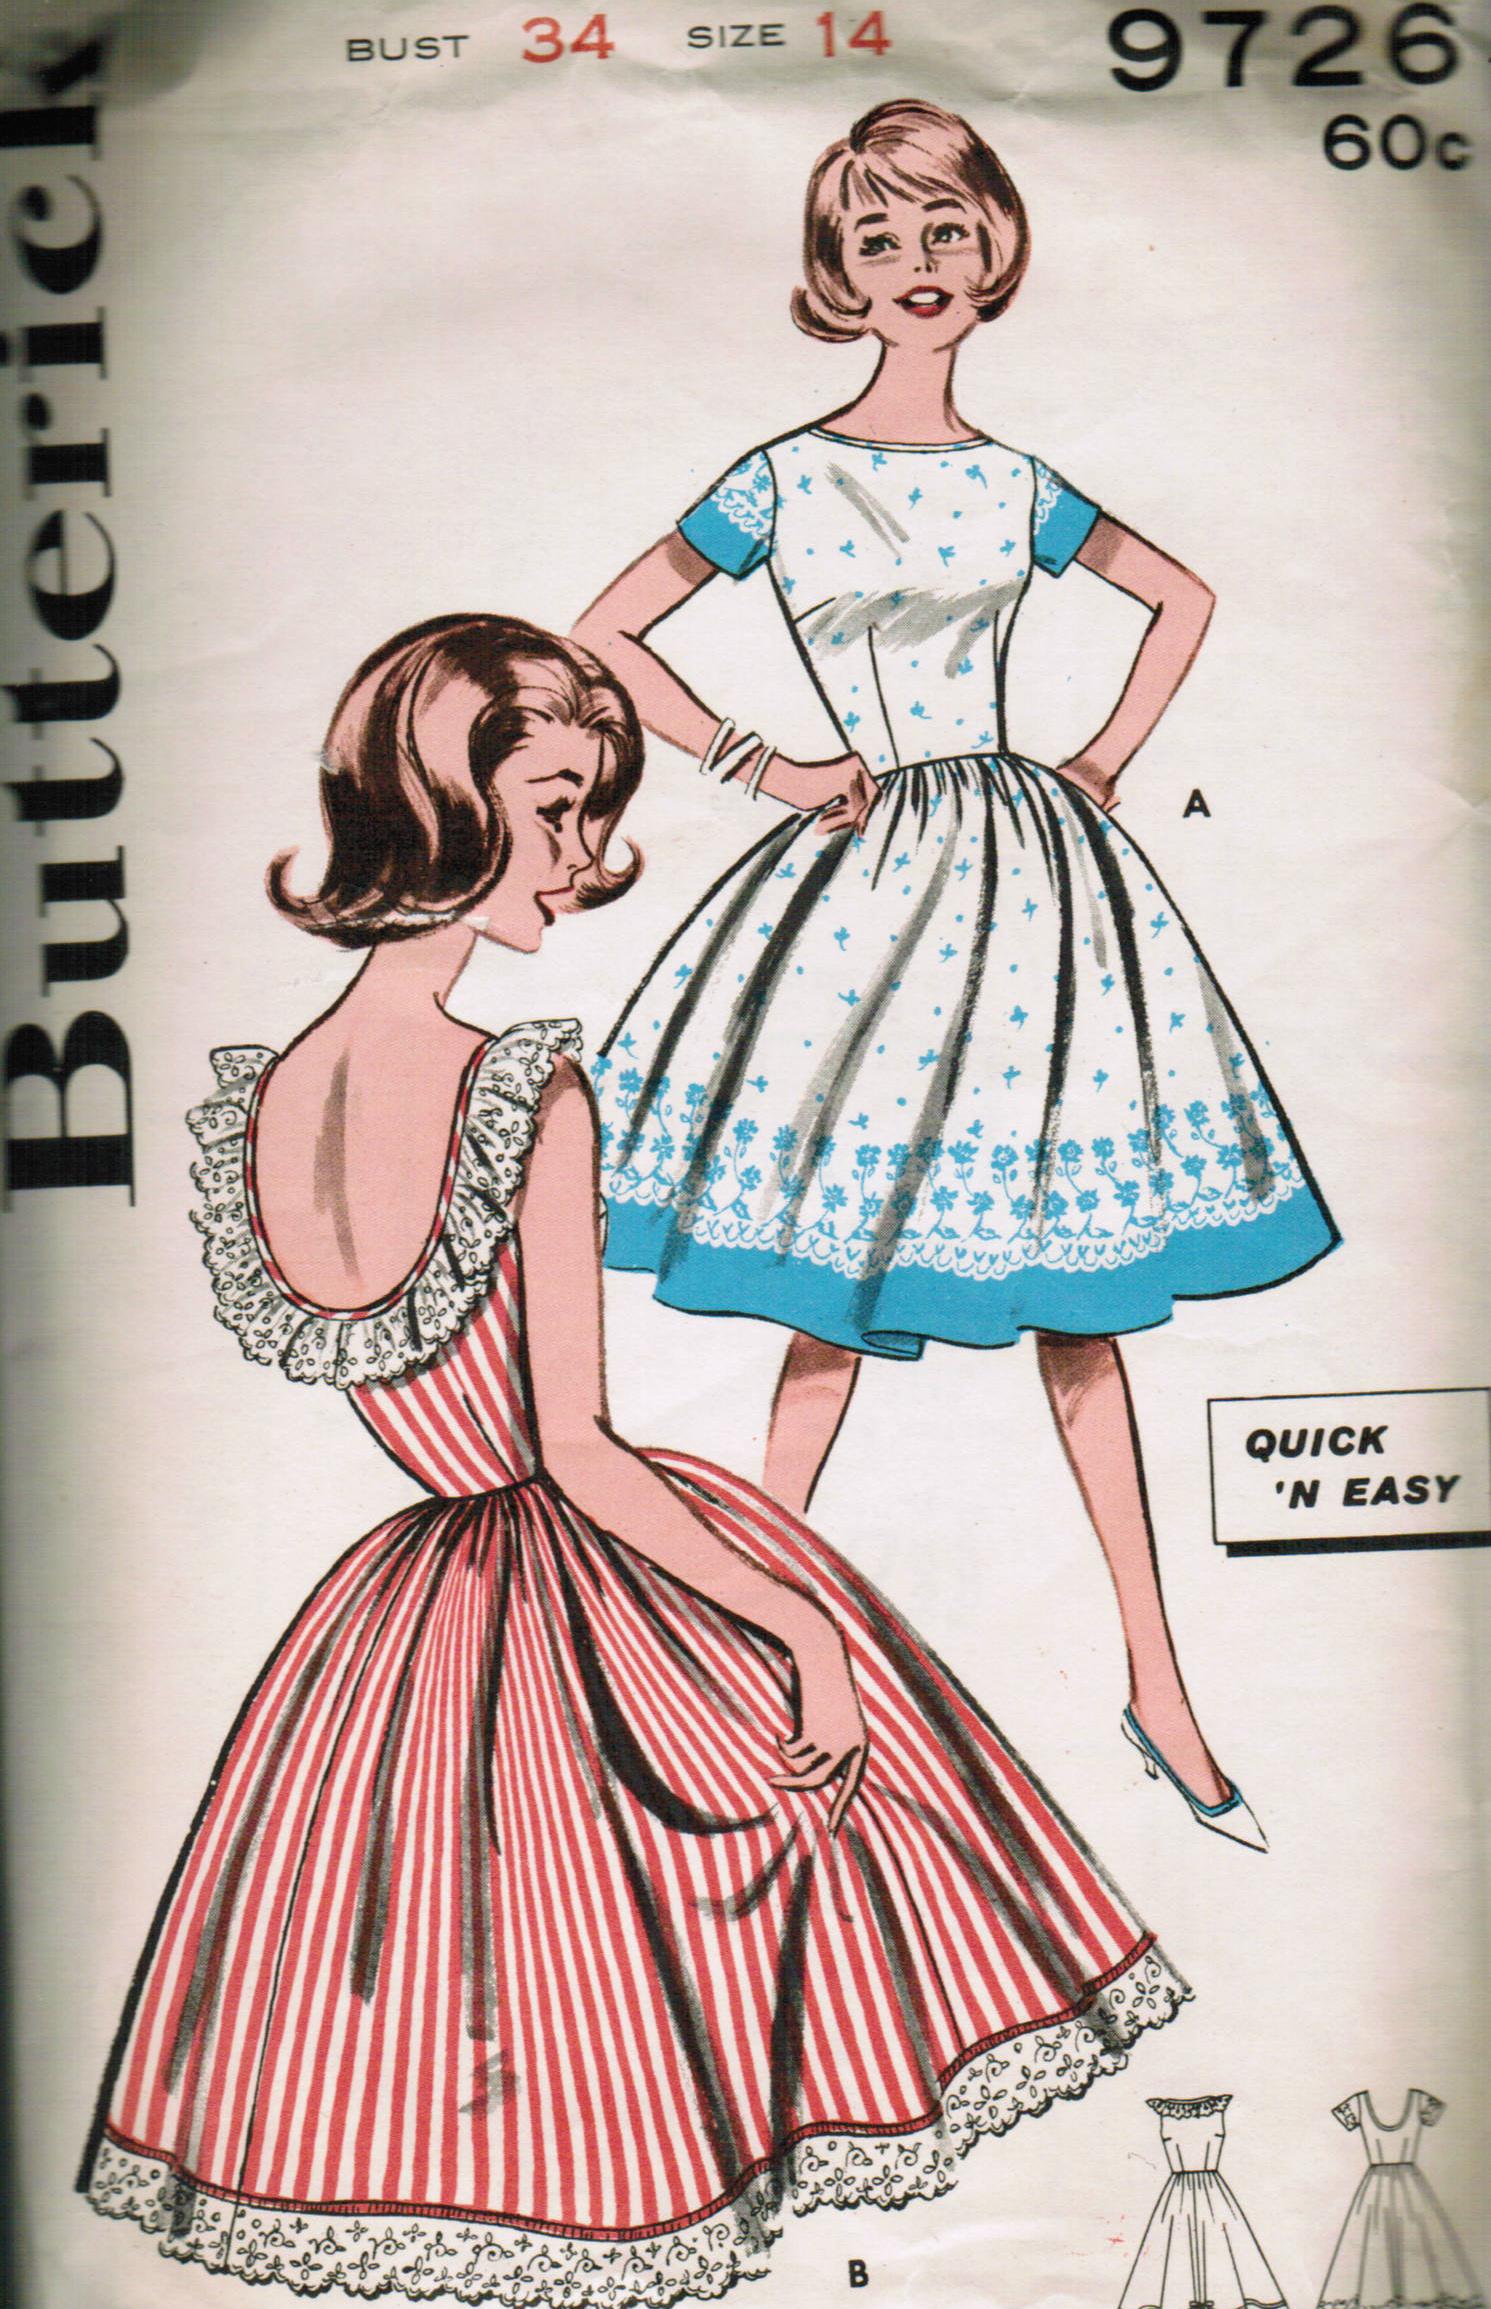 Butterick 9726